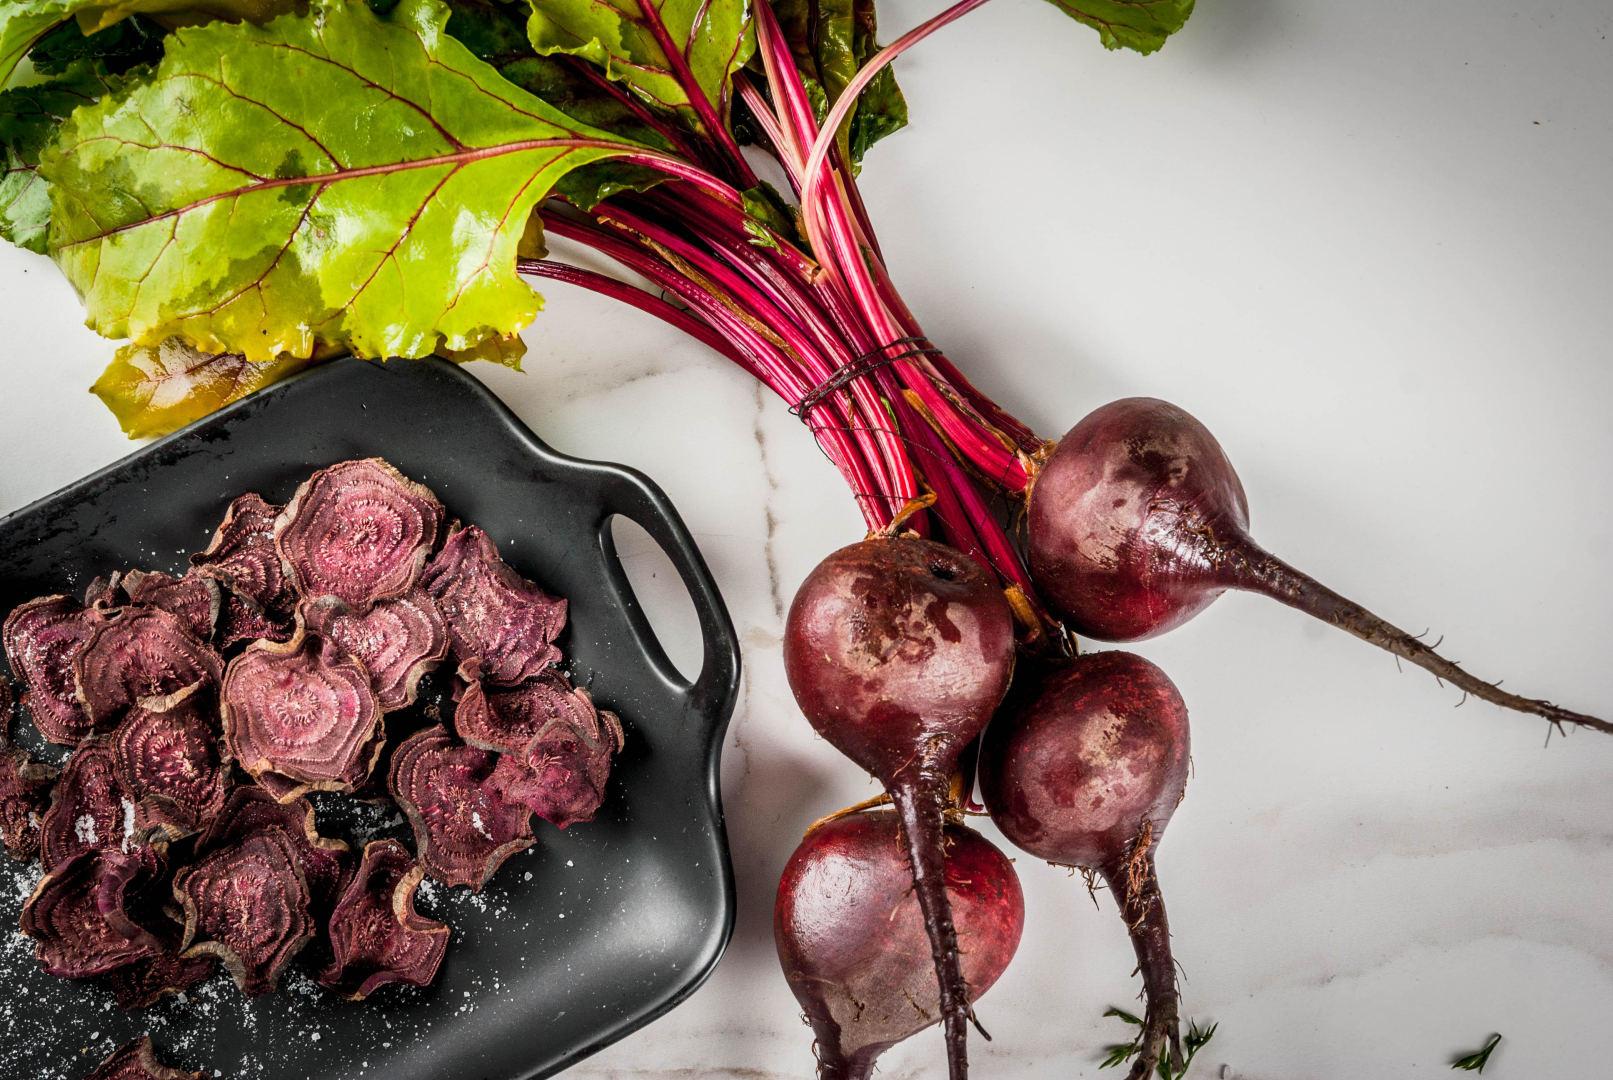 Kokie produktai yra mažesni: 10 efektyviausių - Hipertenzija November